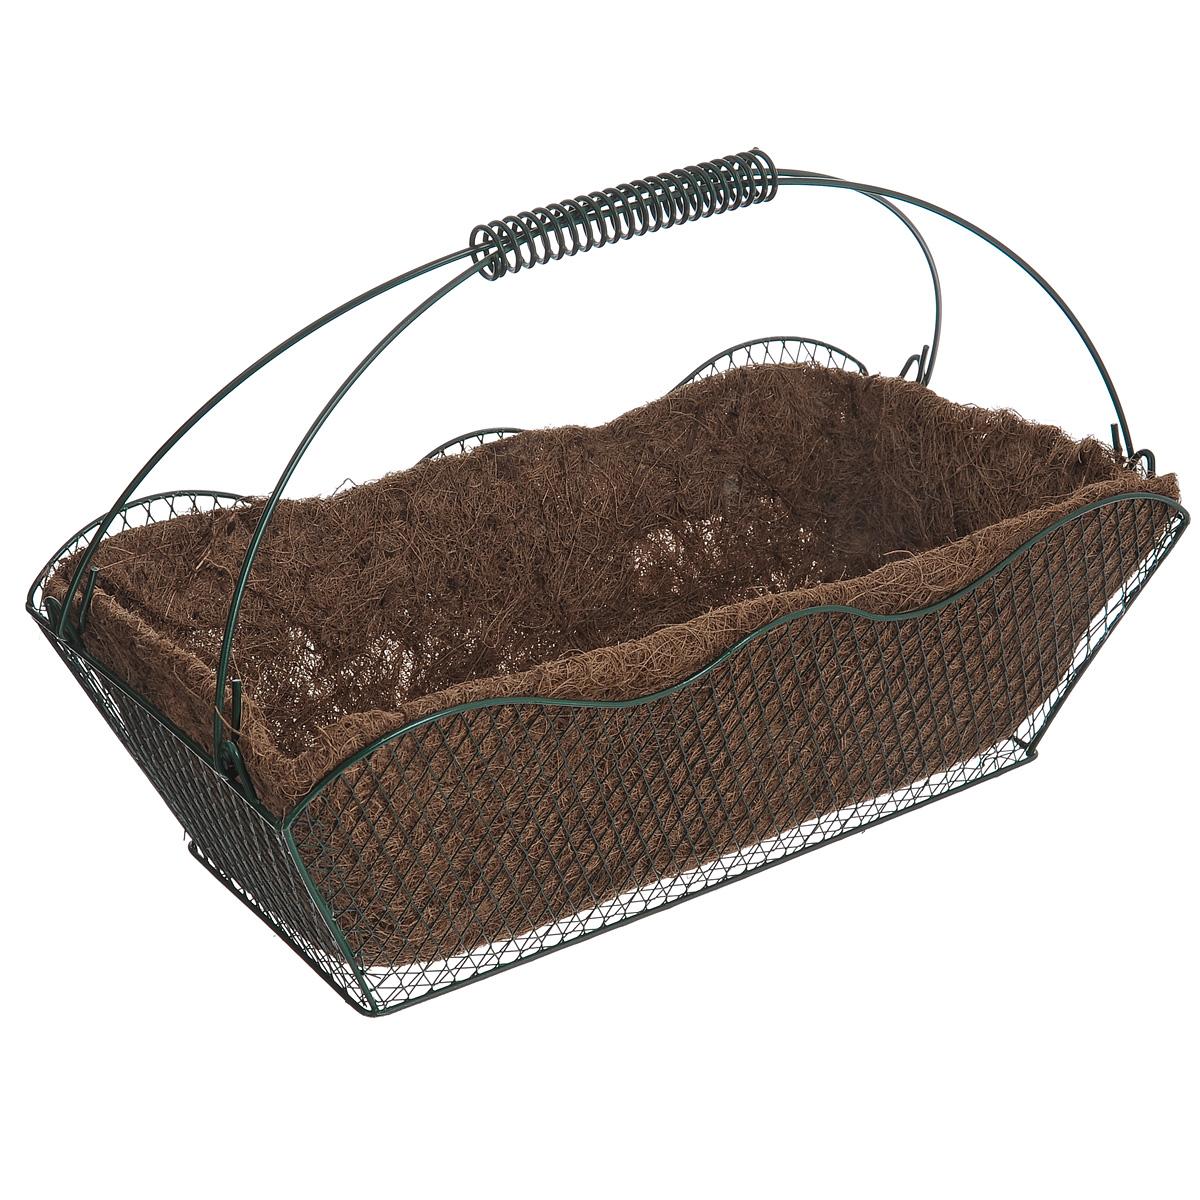 Корзина Greenell, с вкладышем, 42 см х 20,5 см х 25 смWB20-40Корзина Greenell изготовлена из стали, оснащена вкладышем из кокосового волокна. Корзина предназначена для выращивания цветов и других декоративных растений.В ней хорошо будут расти любые цветы: кокосовое волокно является идеальным субстратом для растений.Кокосовое волокно способствует сохранению в почве питательных веществ и сохранению комфортного для растений уровня влажности.